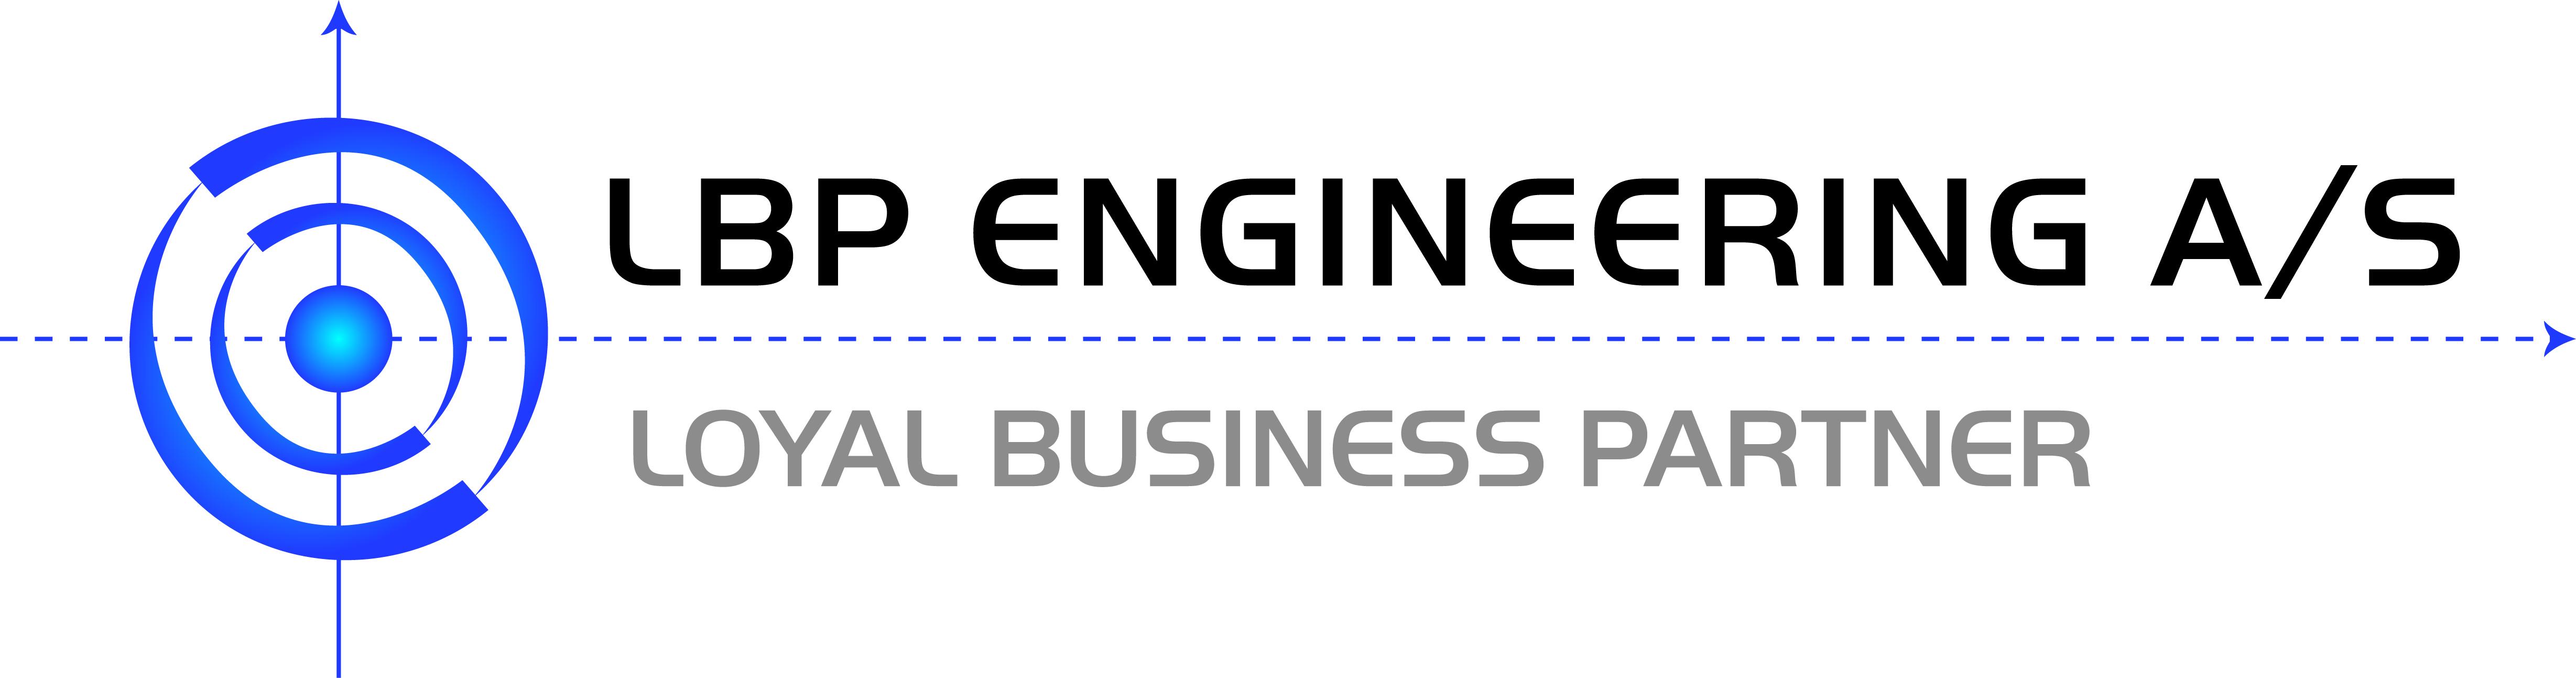 LBP Engineering